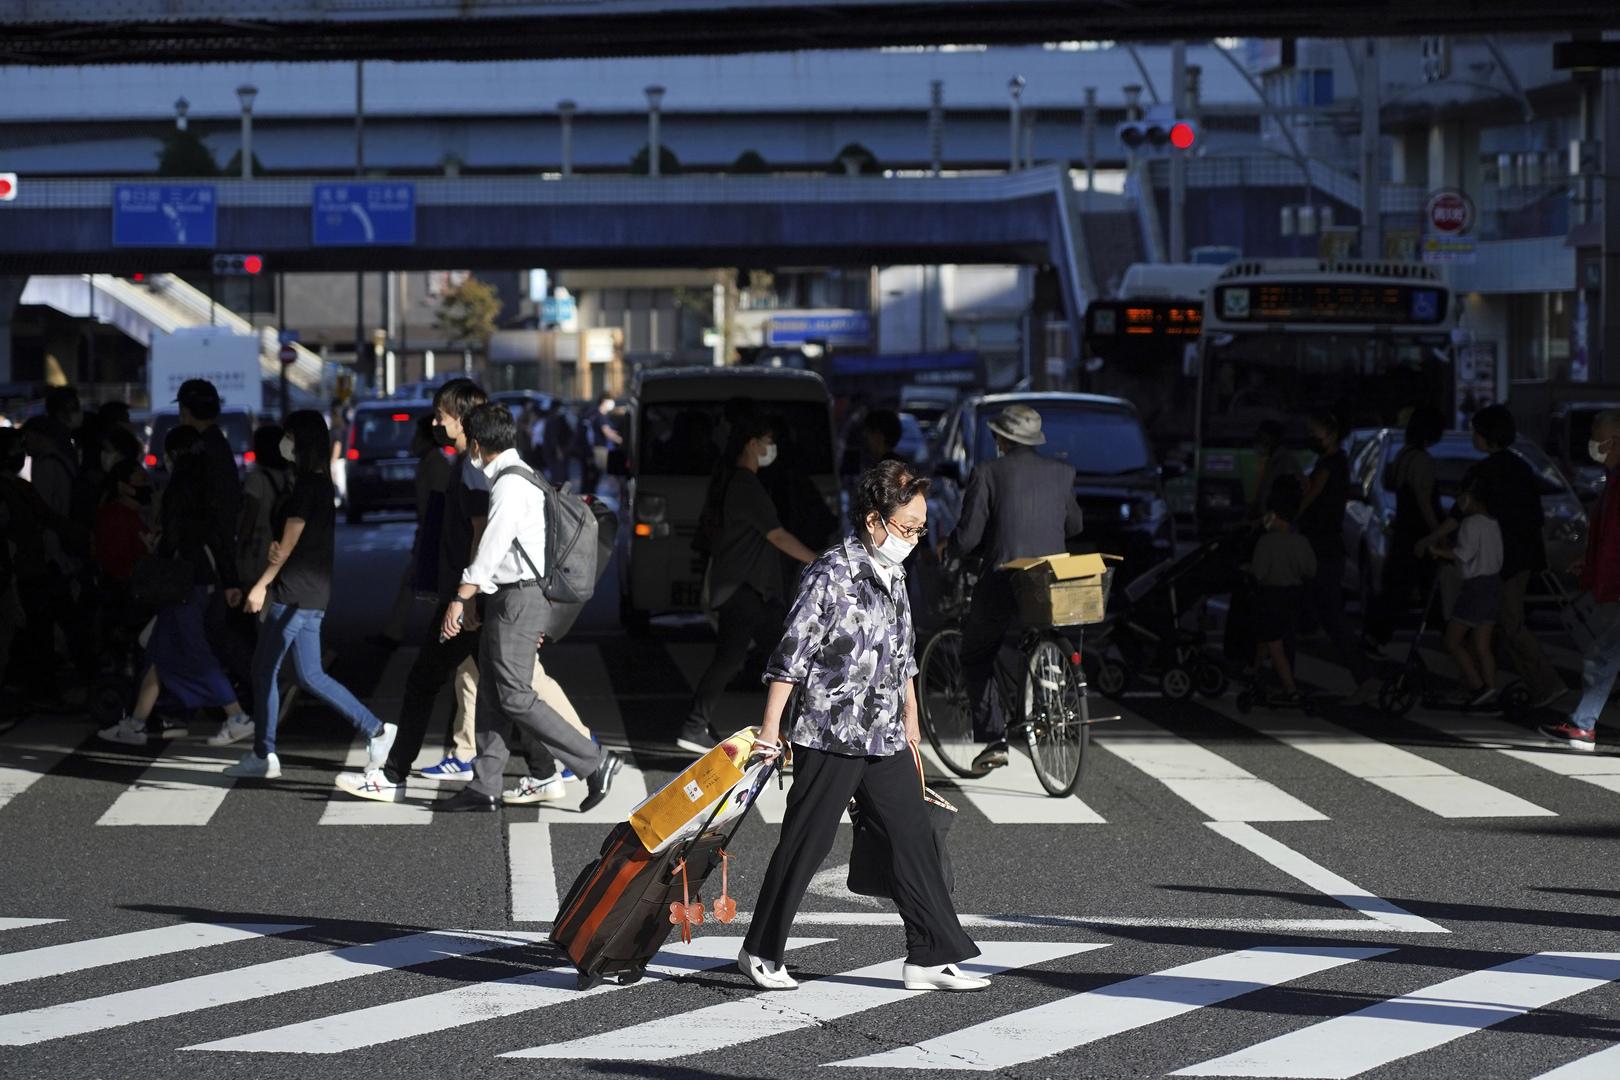 اليابان.. حالات الانتحار بين الأطفال تسجل أعلى مستوى لها خلال جائحة كورونا